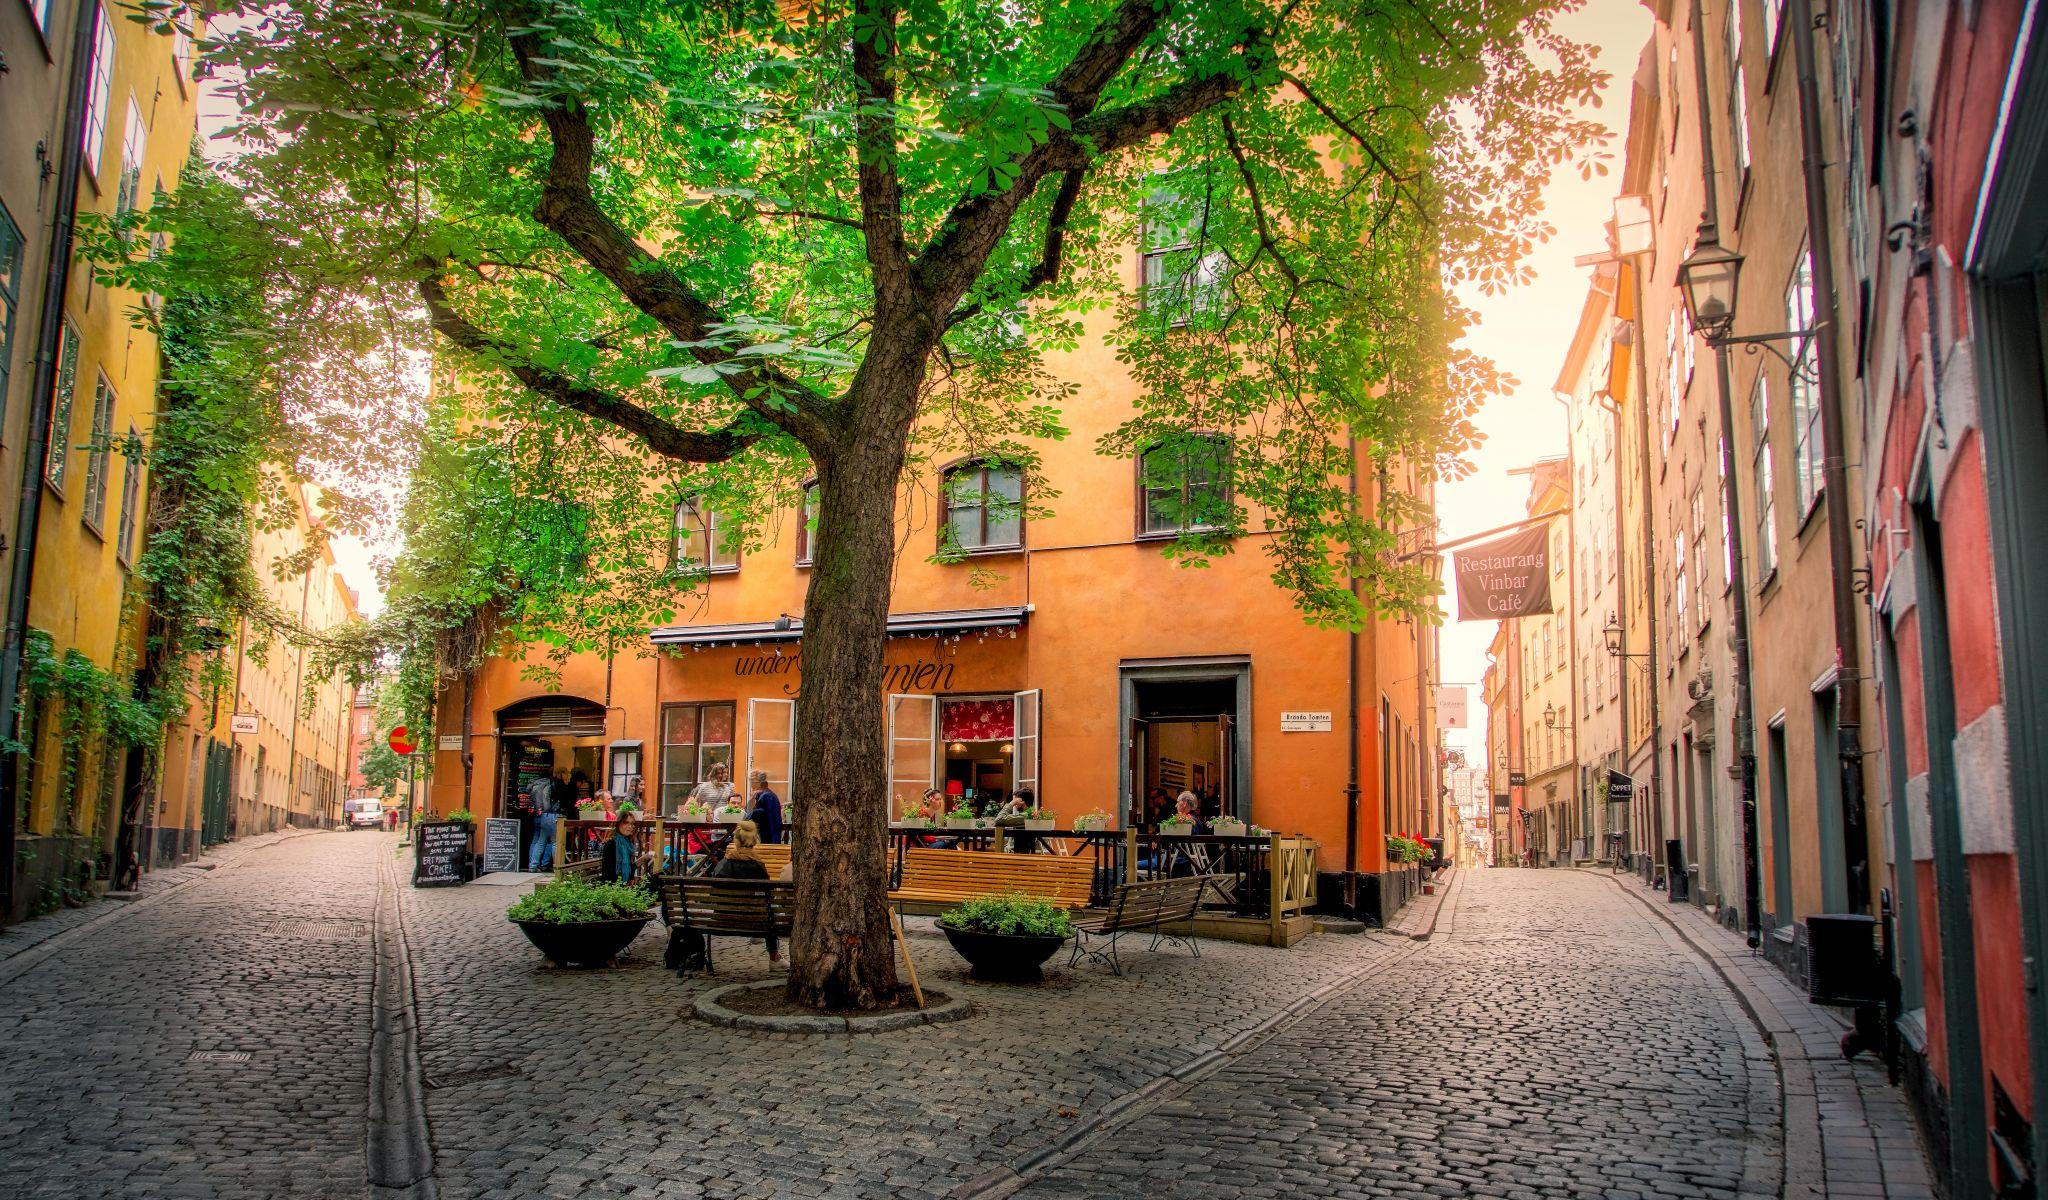 Vinbar Cafe Gamla Stan Stockholm Sweden, Sweden